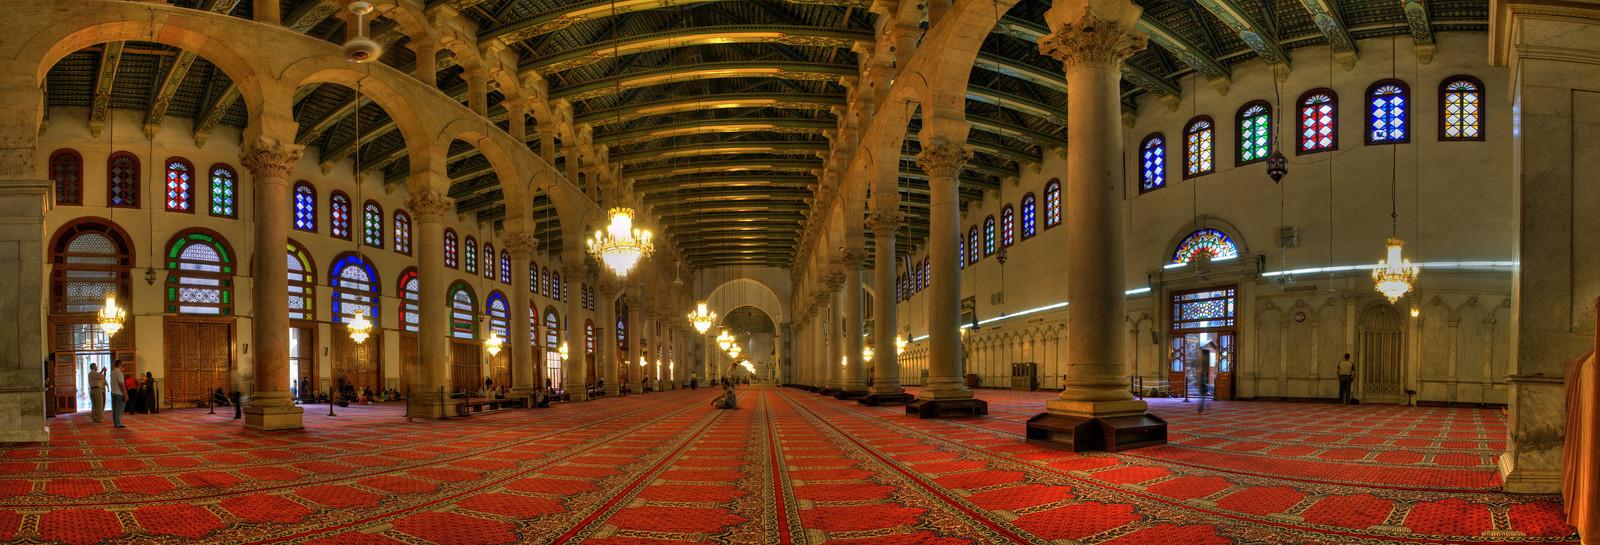 Mezquita de Damasco. Majestuosidad de la sala de oración